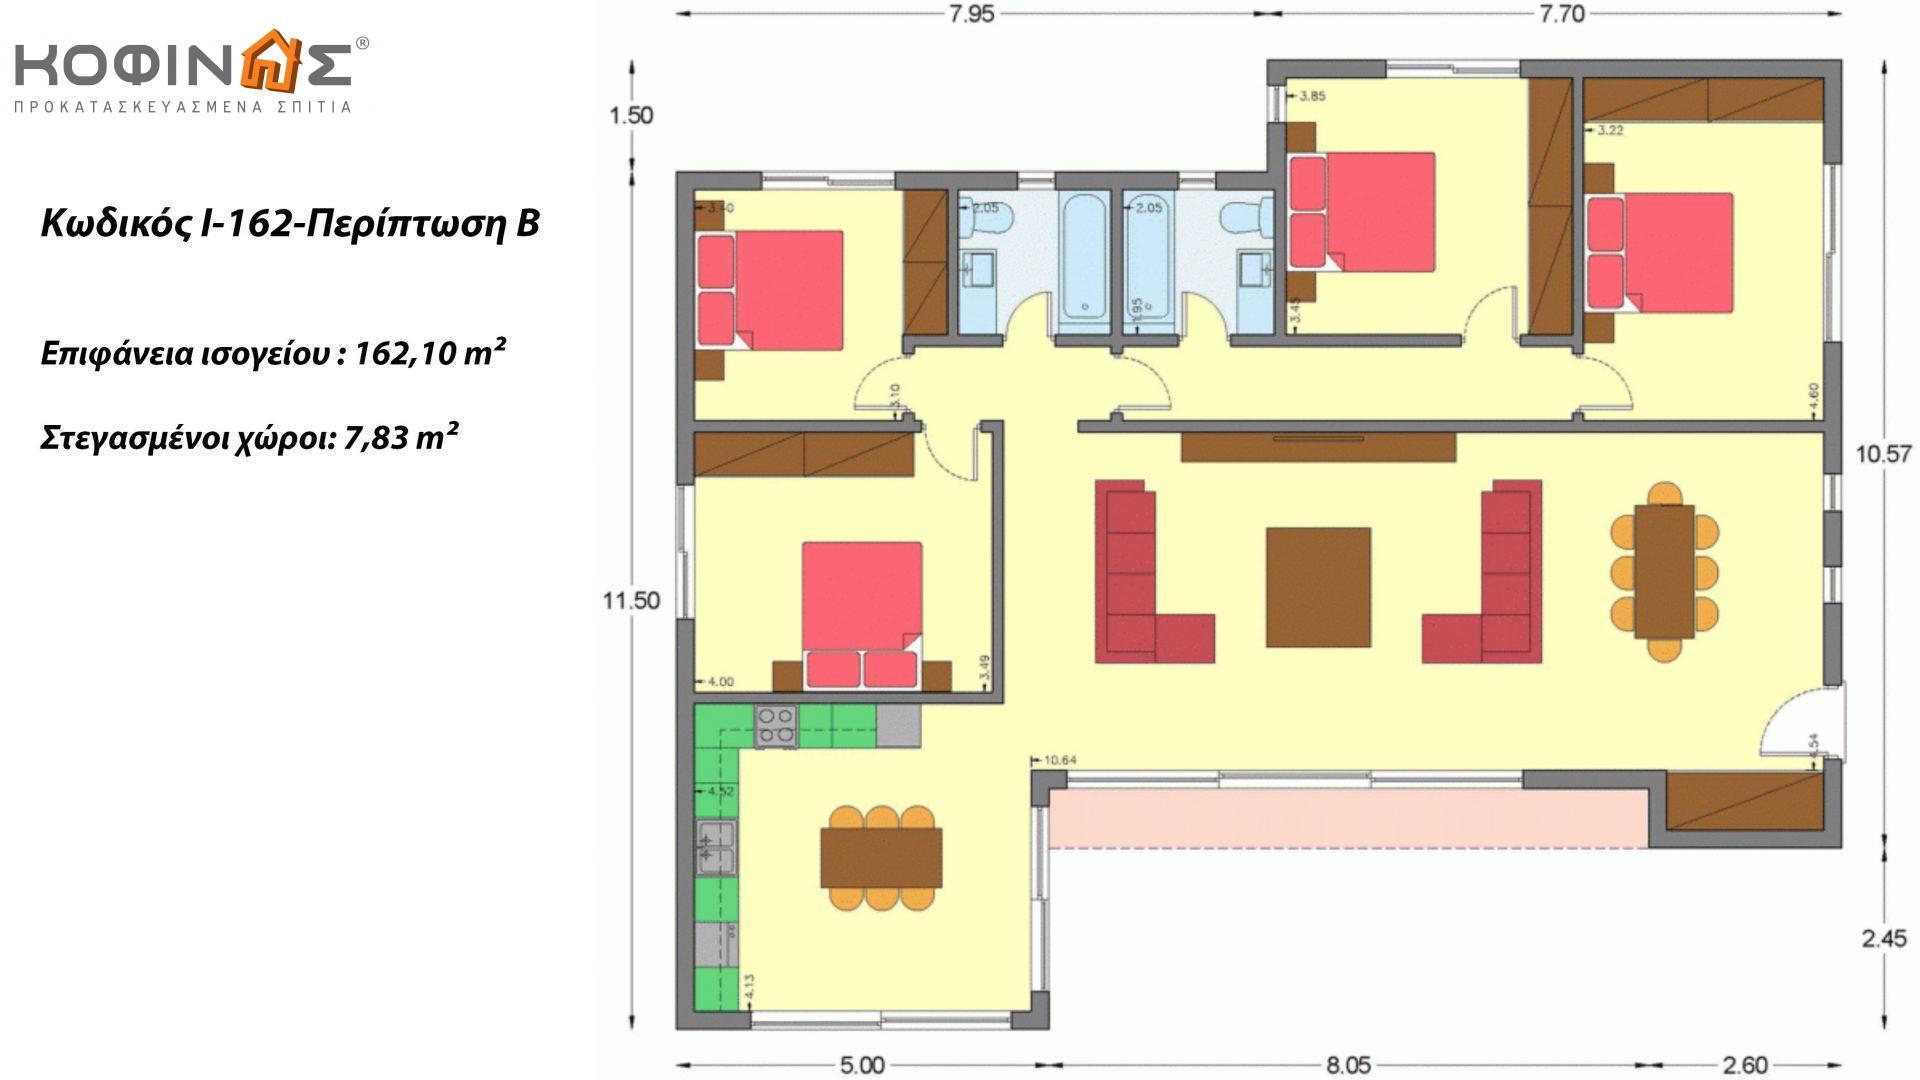 Ισόγεια Κατοικία I-162, συνολικής επιφάνειας 162,10 τ.μ., συνολική επιφάνεια στεγασμένων χώρων 7,83 τ.μ.